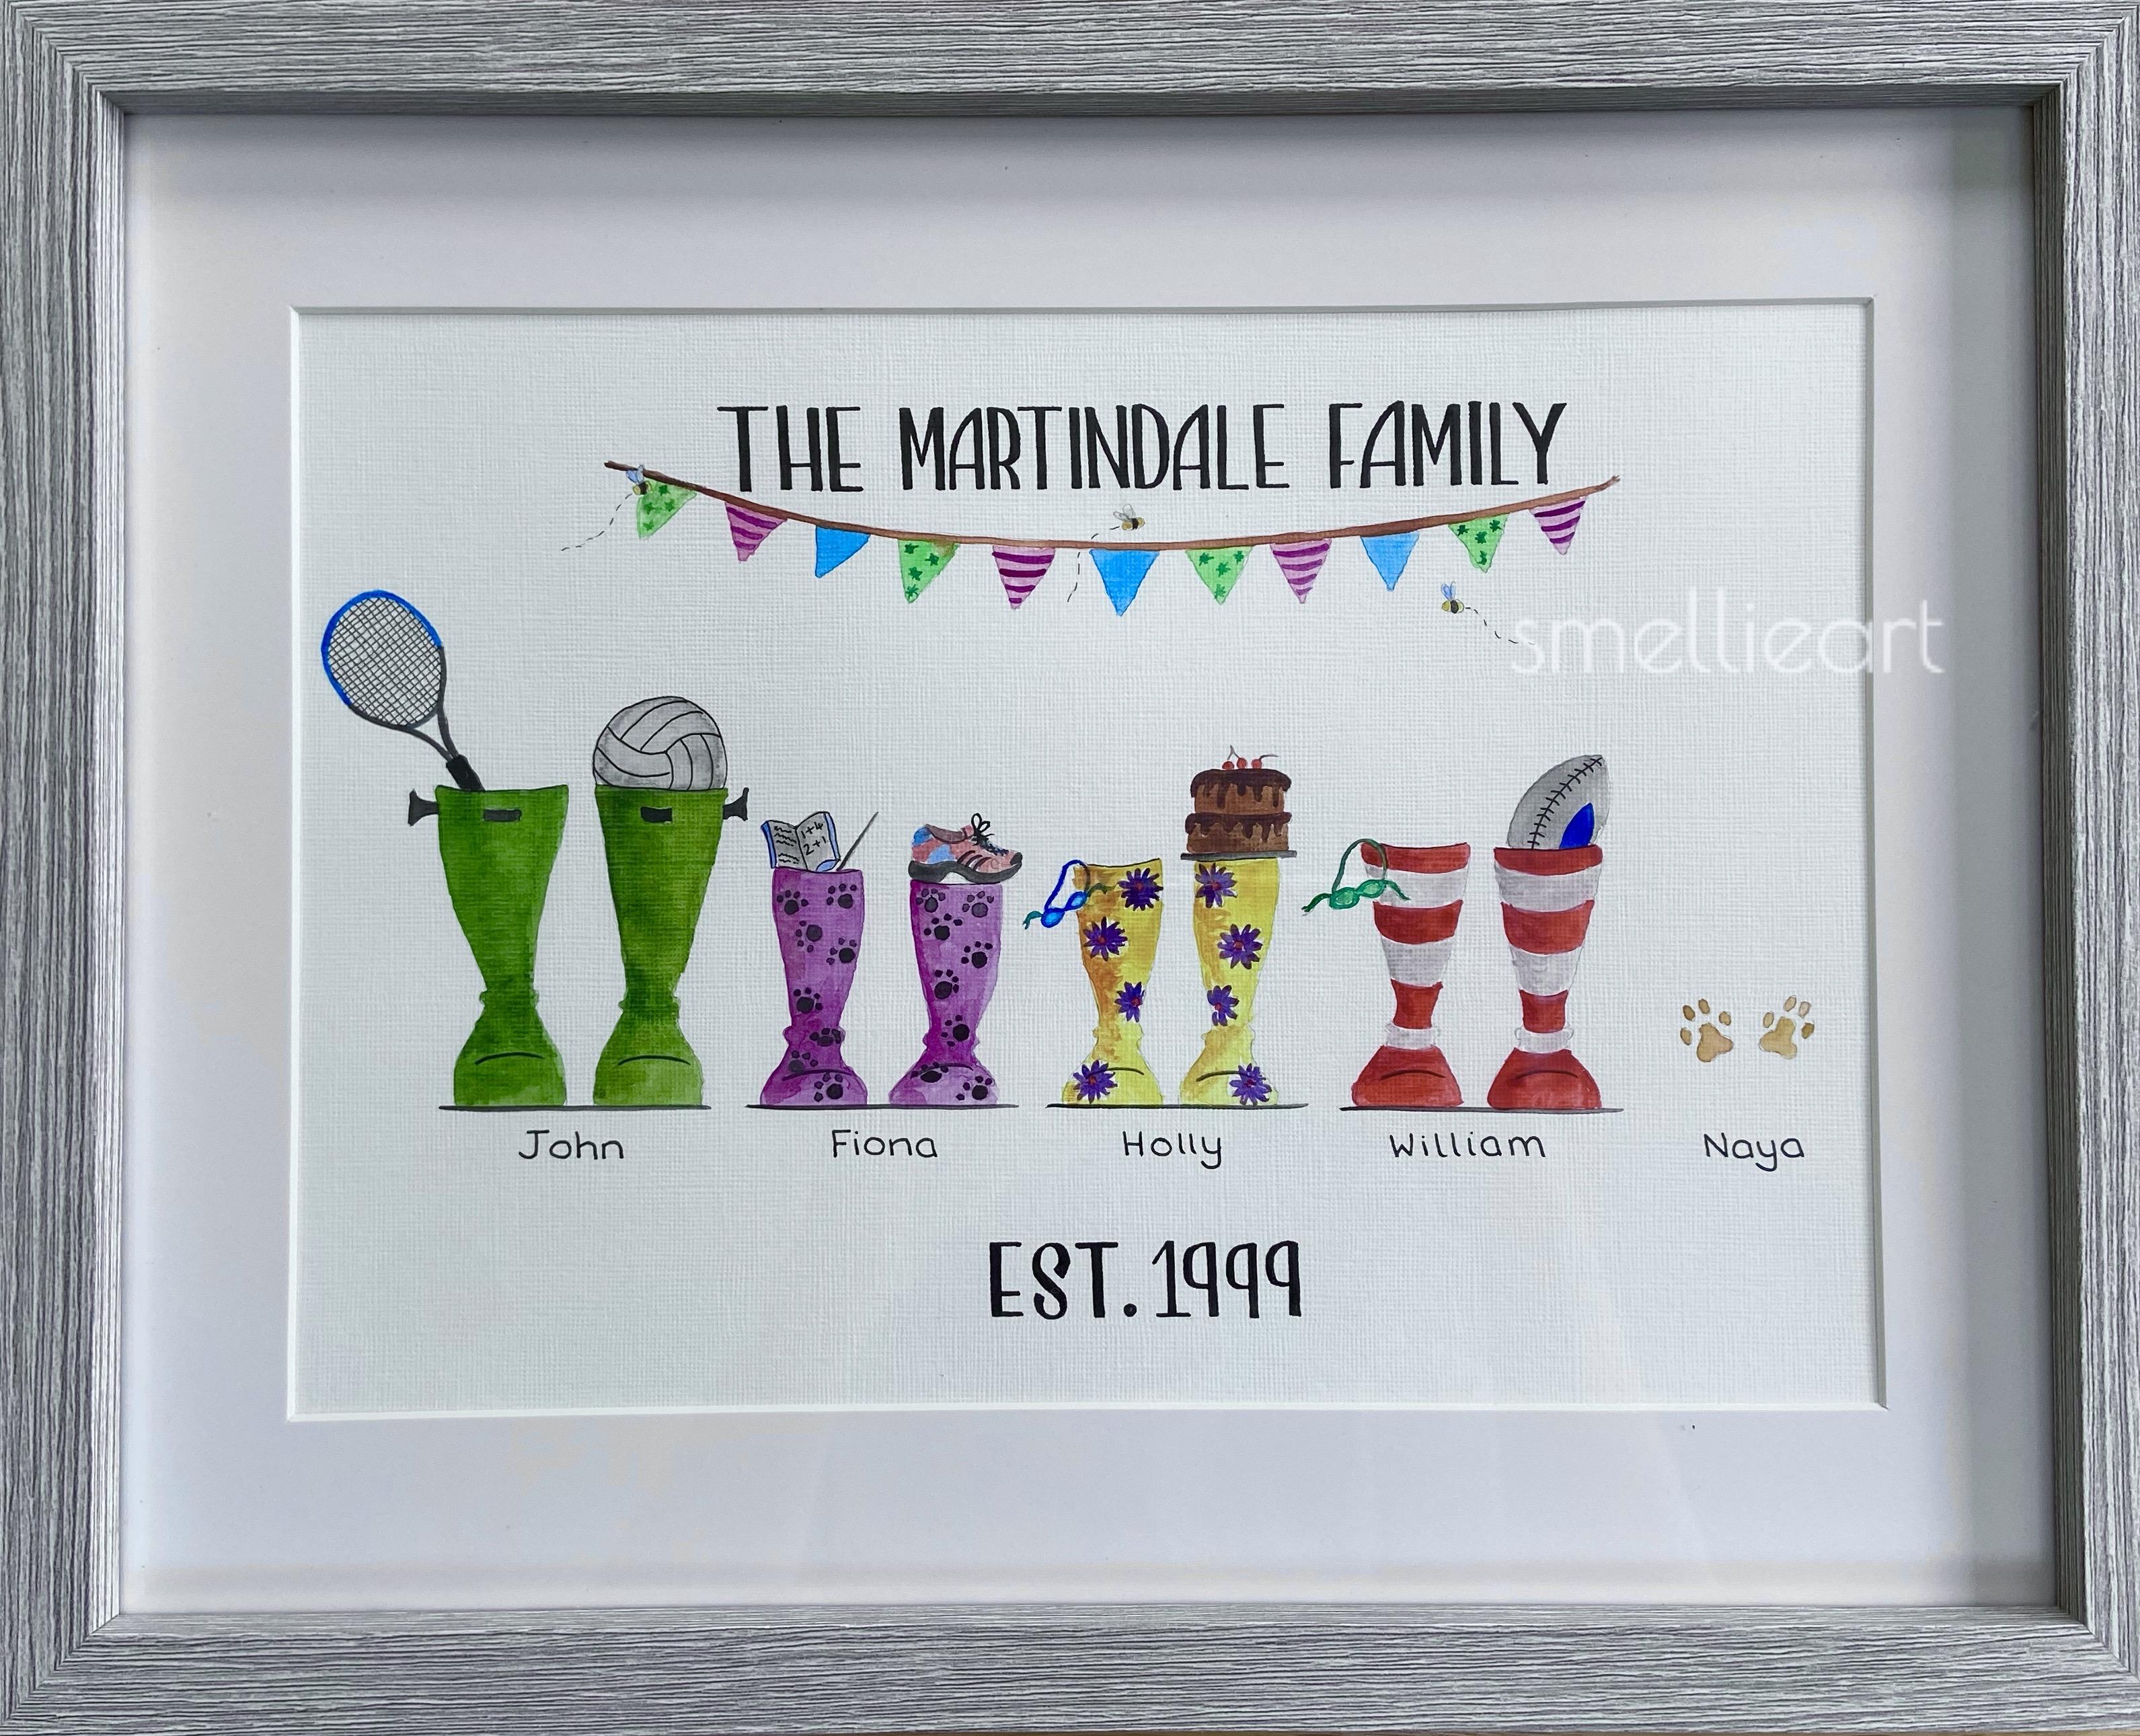 Martindale family.JPG